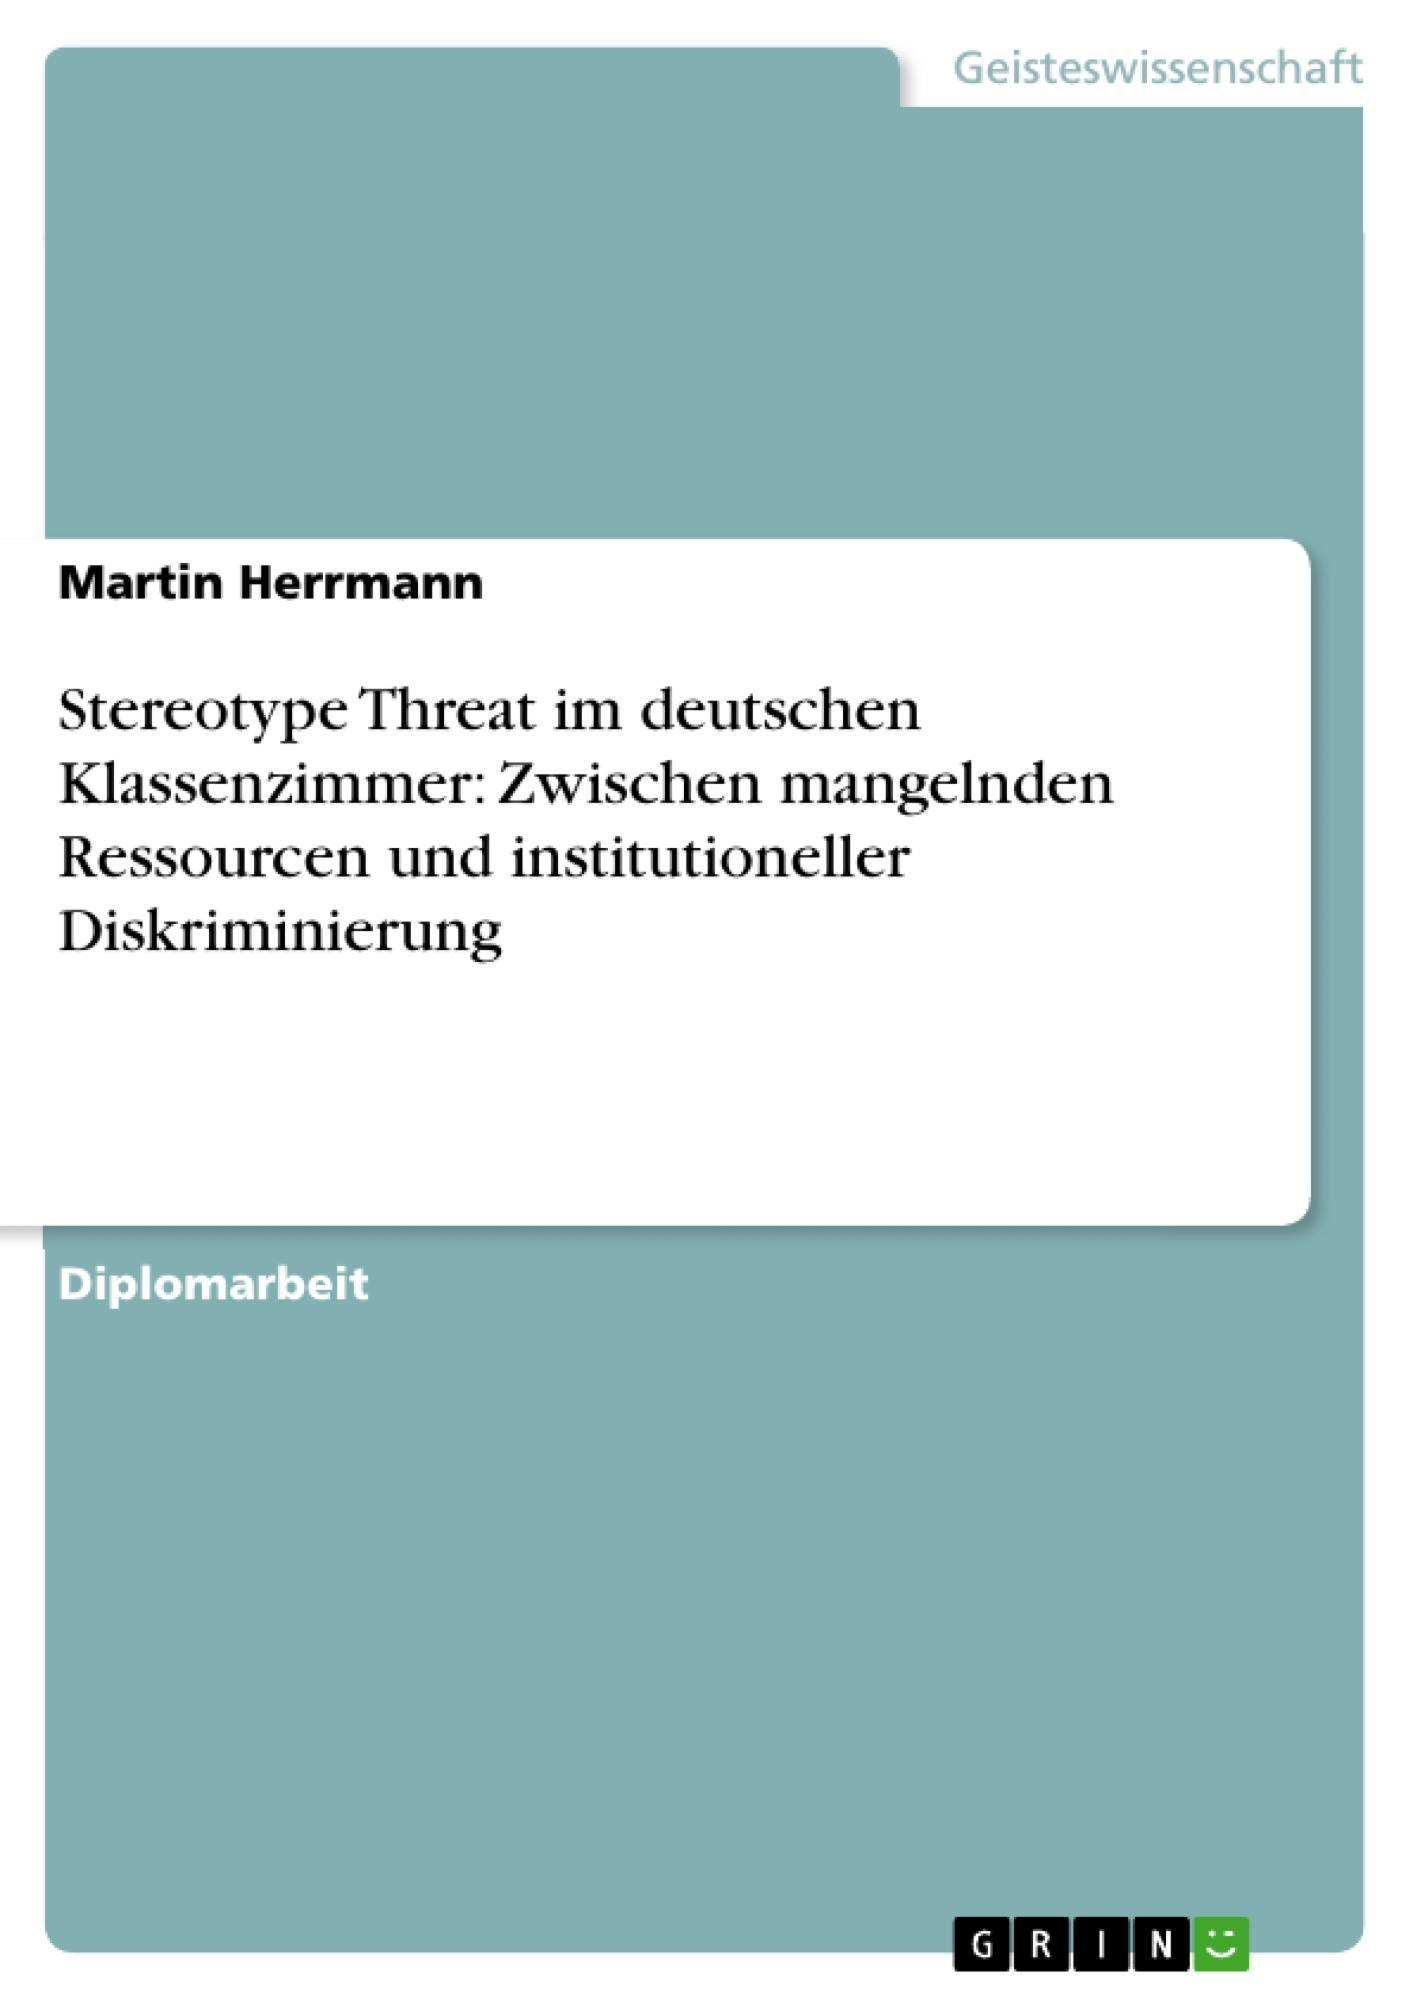 Titel: Stereotype Threat im deutschen Klassenzimmer: Zwischen mangelnden Ressourcen und institutioneller Diskriminierung